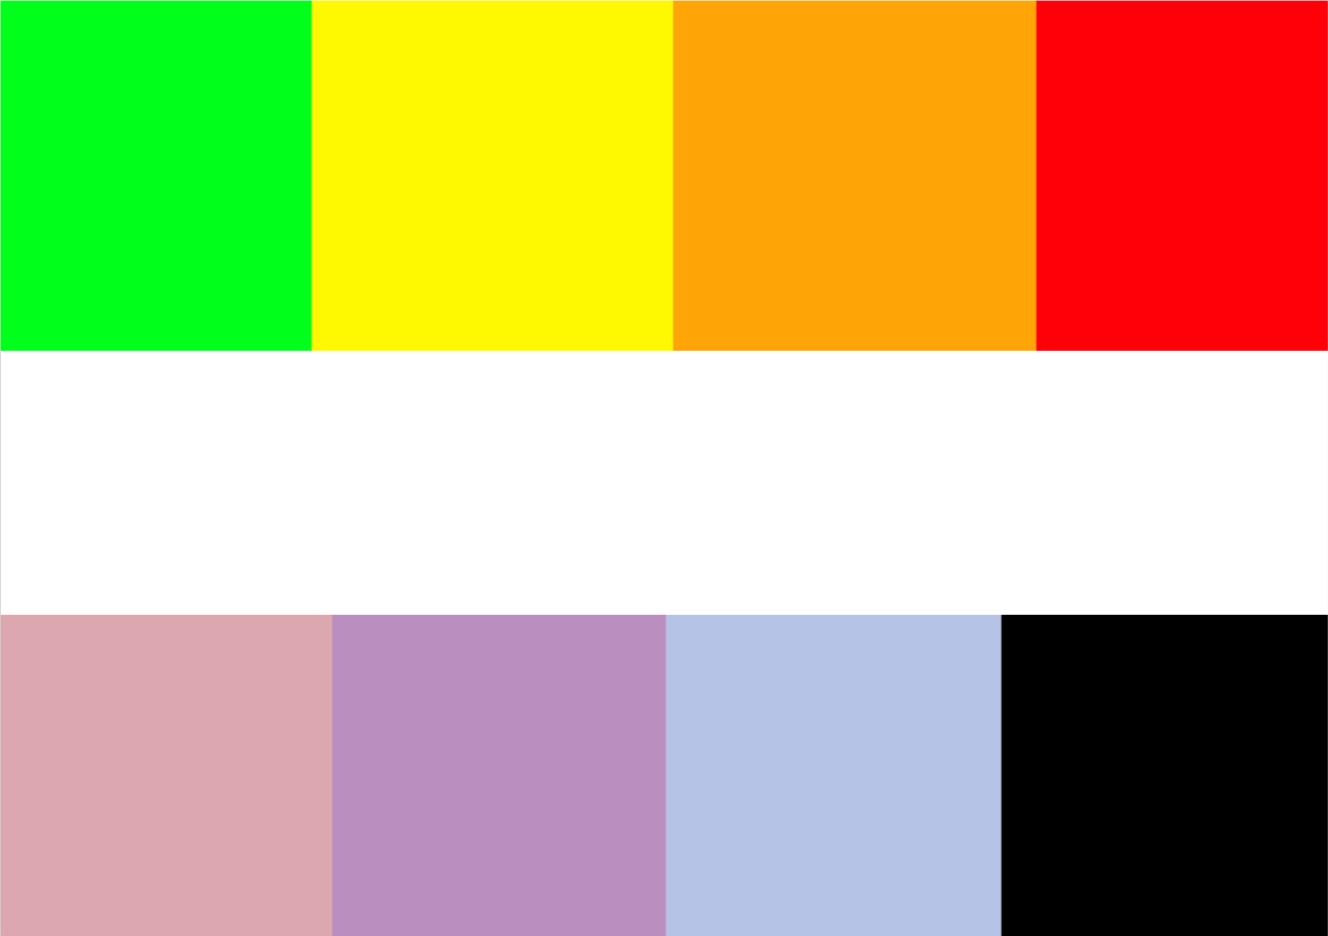 Schermafbeelding 2018-05-01 om 12.39.02